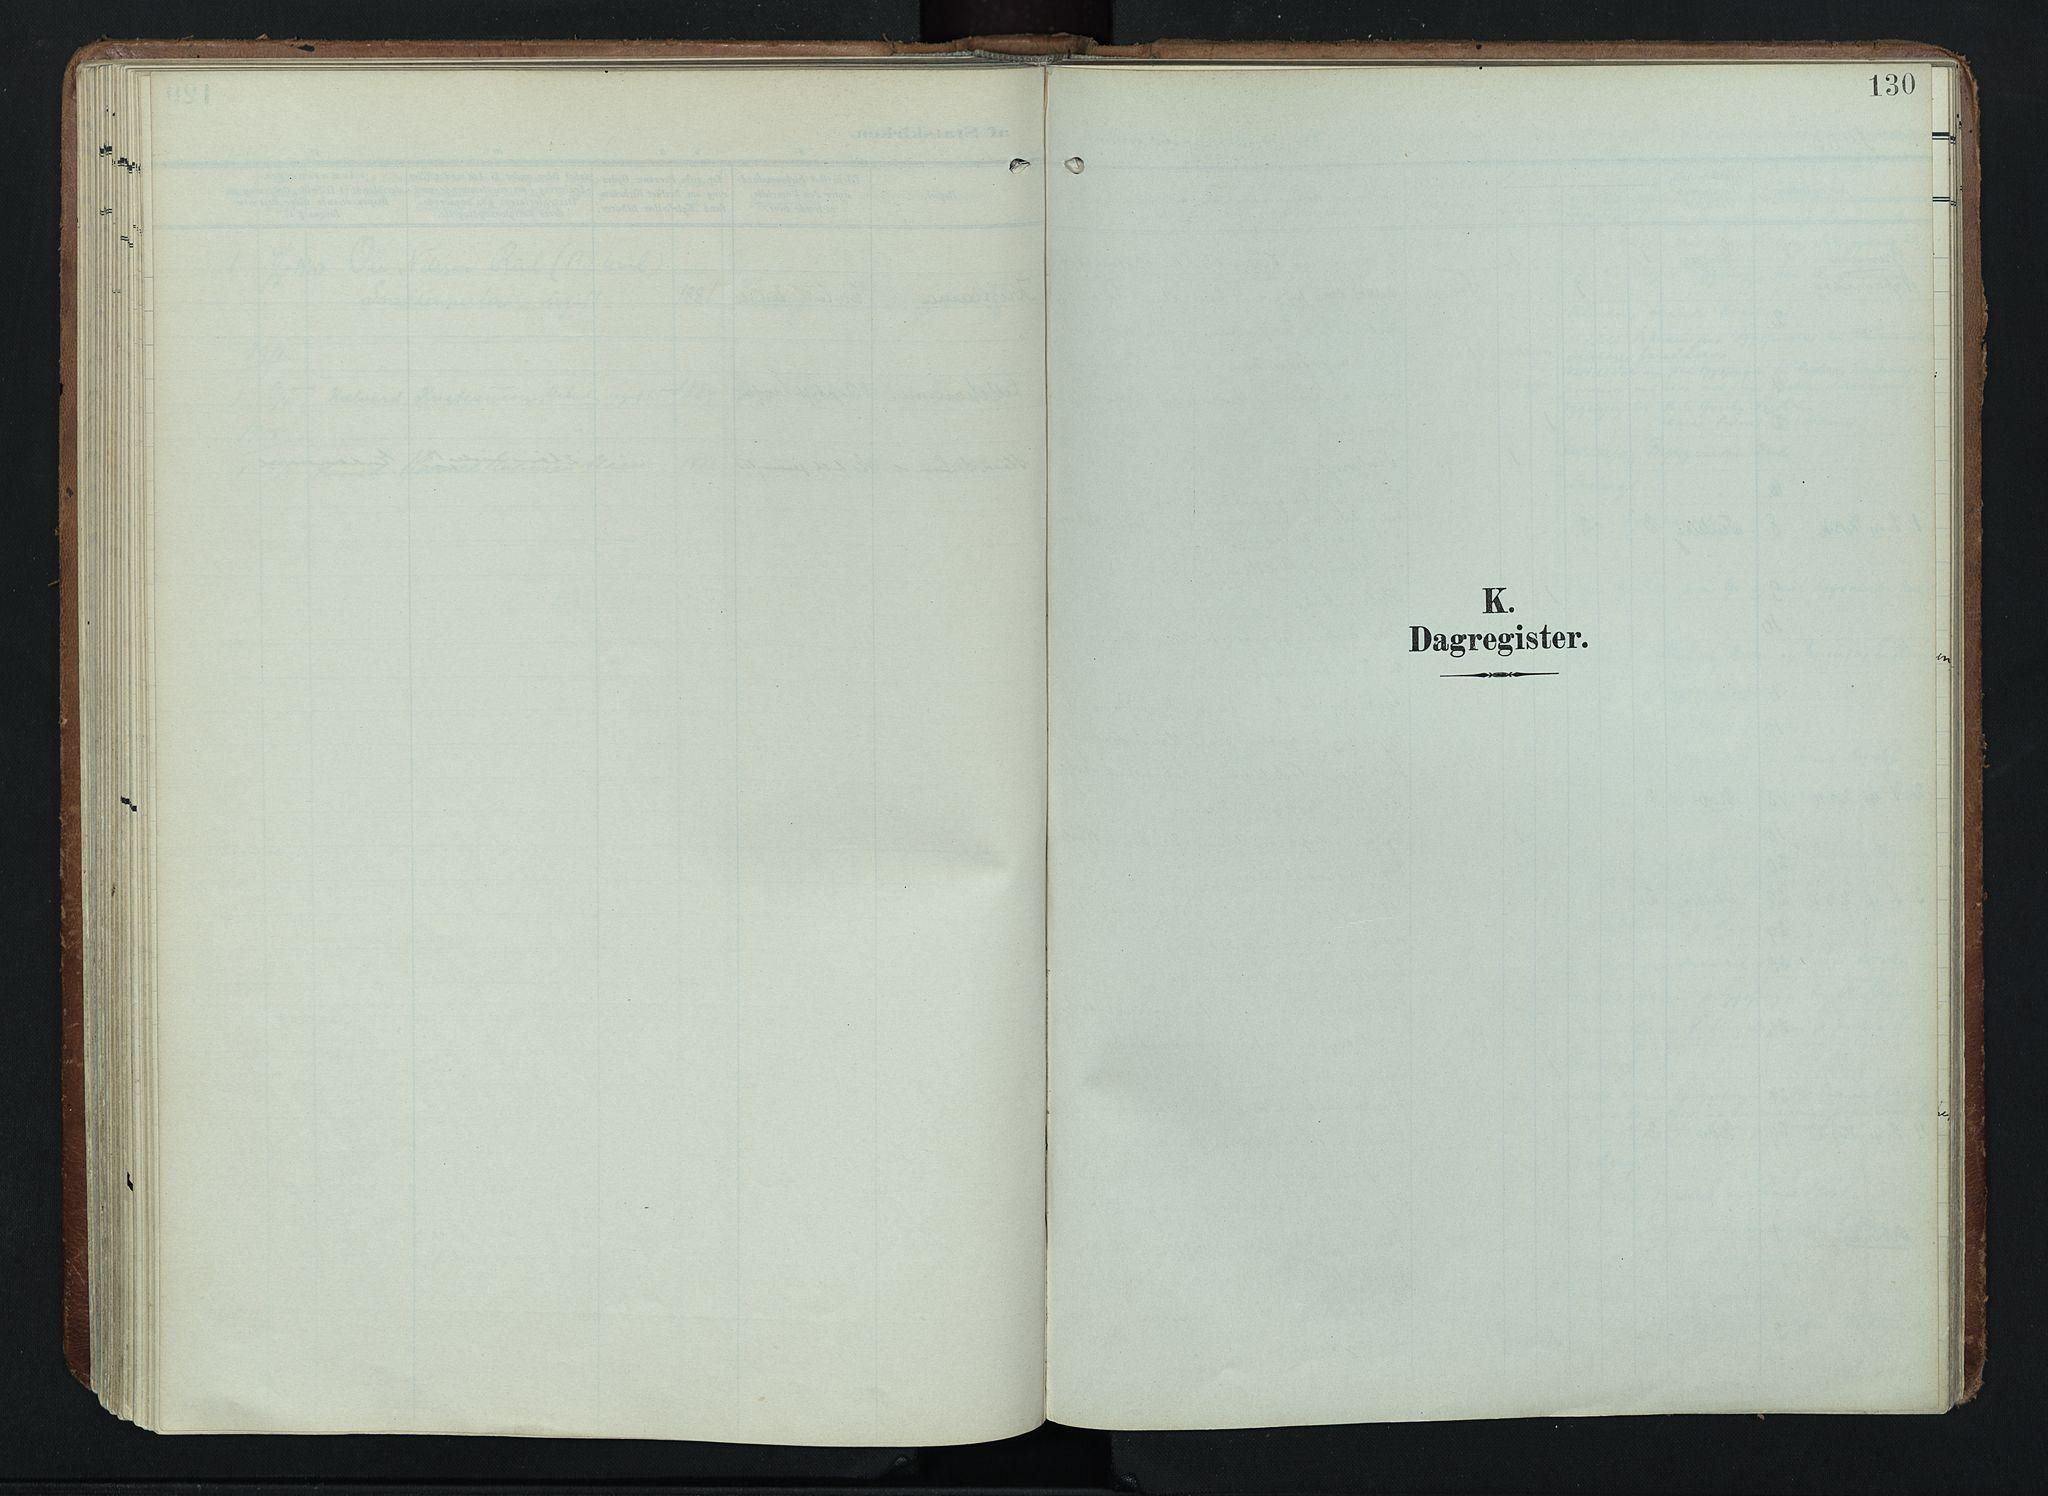 SAH, Søndre Land prestekontor, K/L0005: Ministerialbok nr. 5, 1905-1914, s. 130